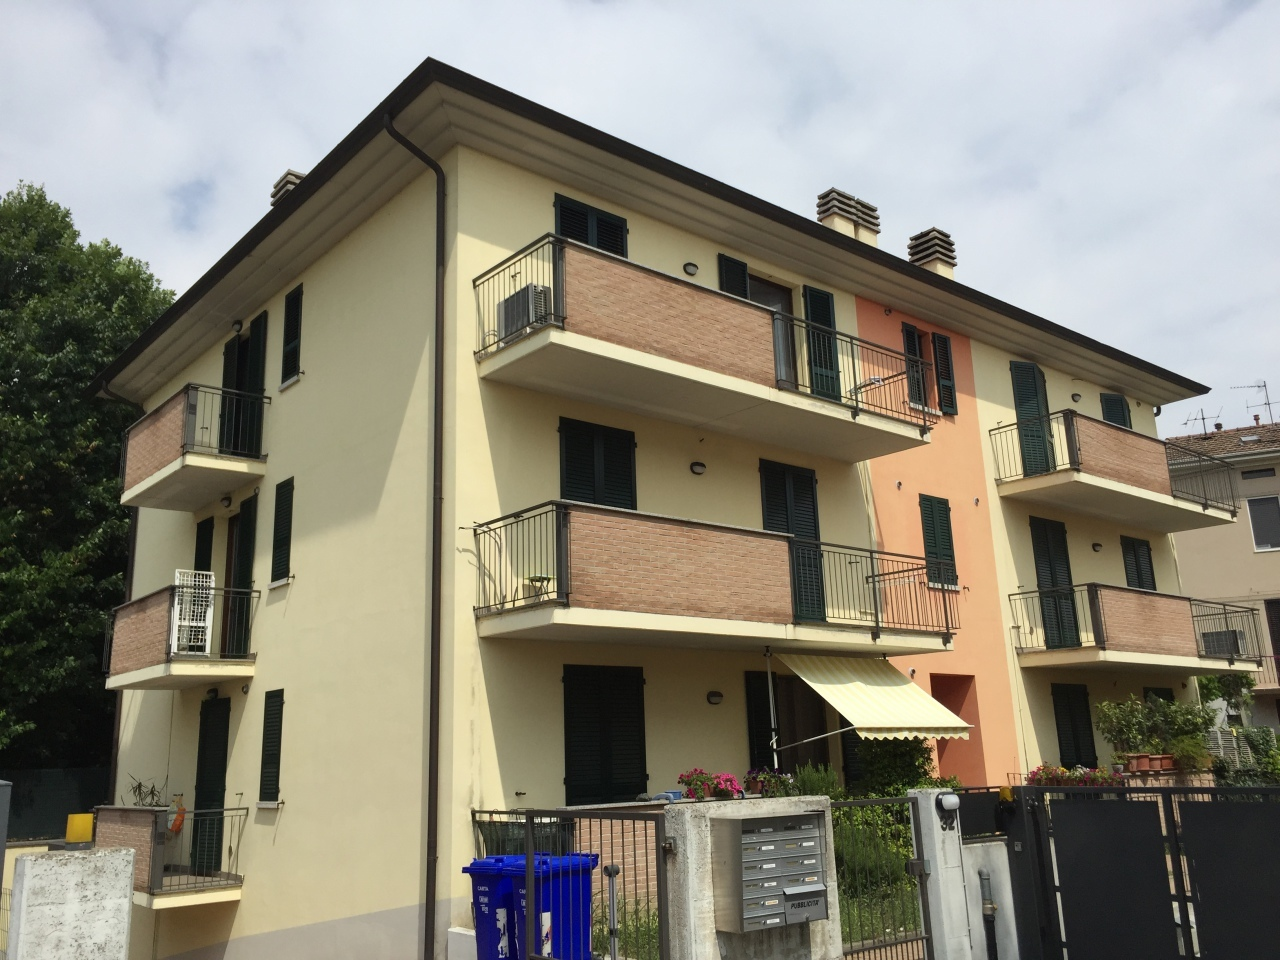 Appartamento in vendita a Noceto, 2 locali, prezzo € 80.000 | Cambio Casa.it